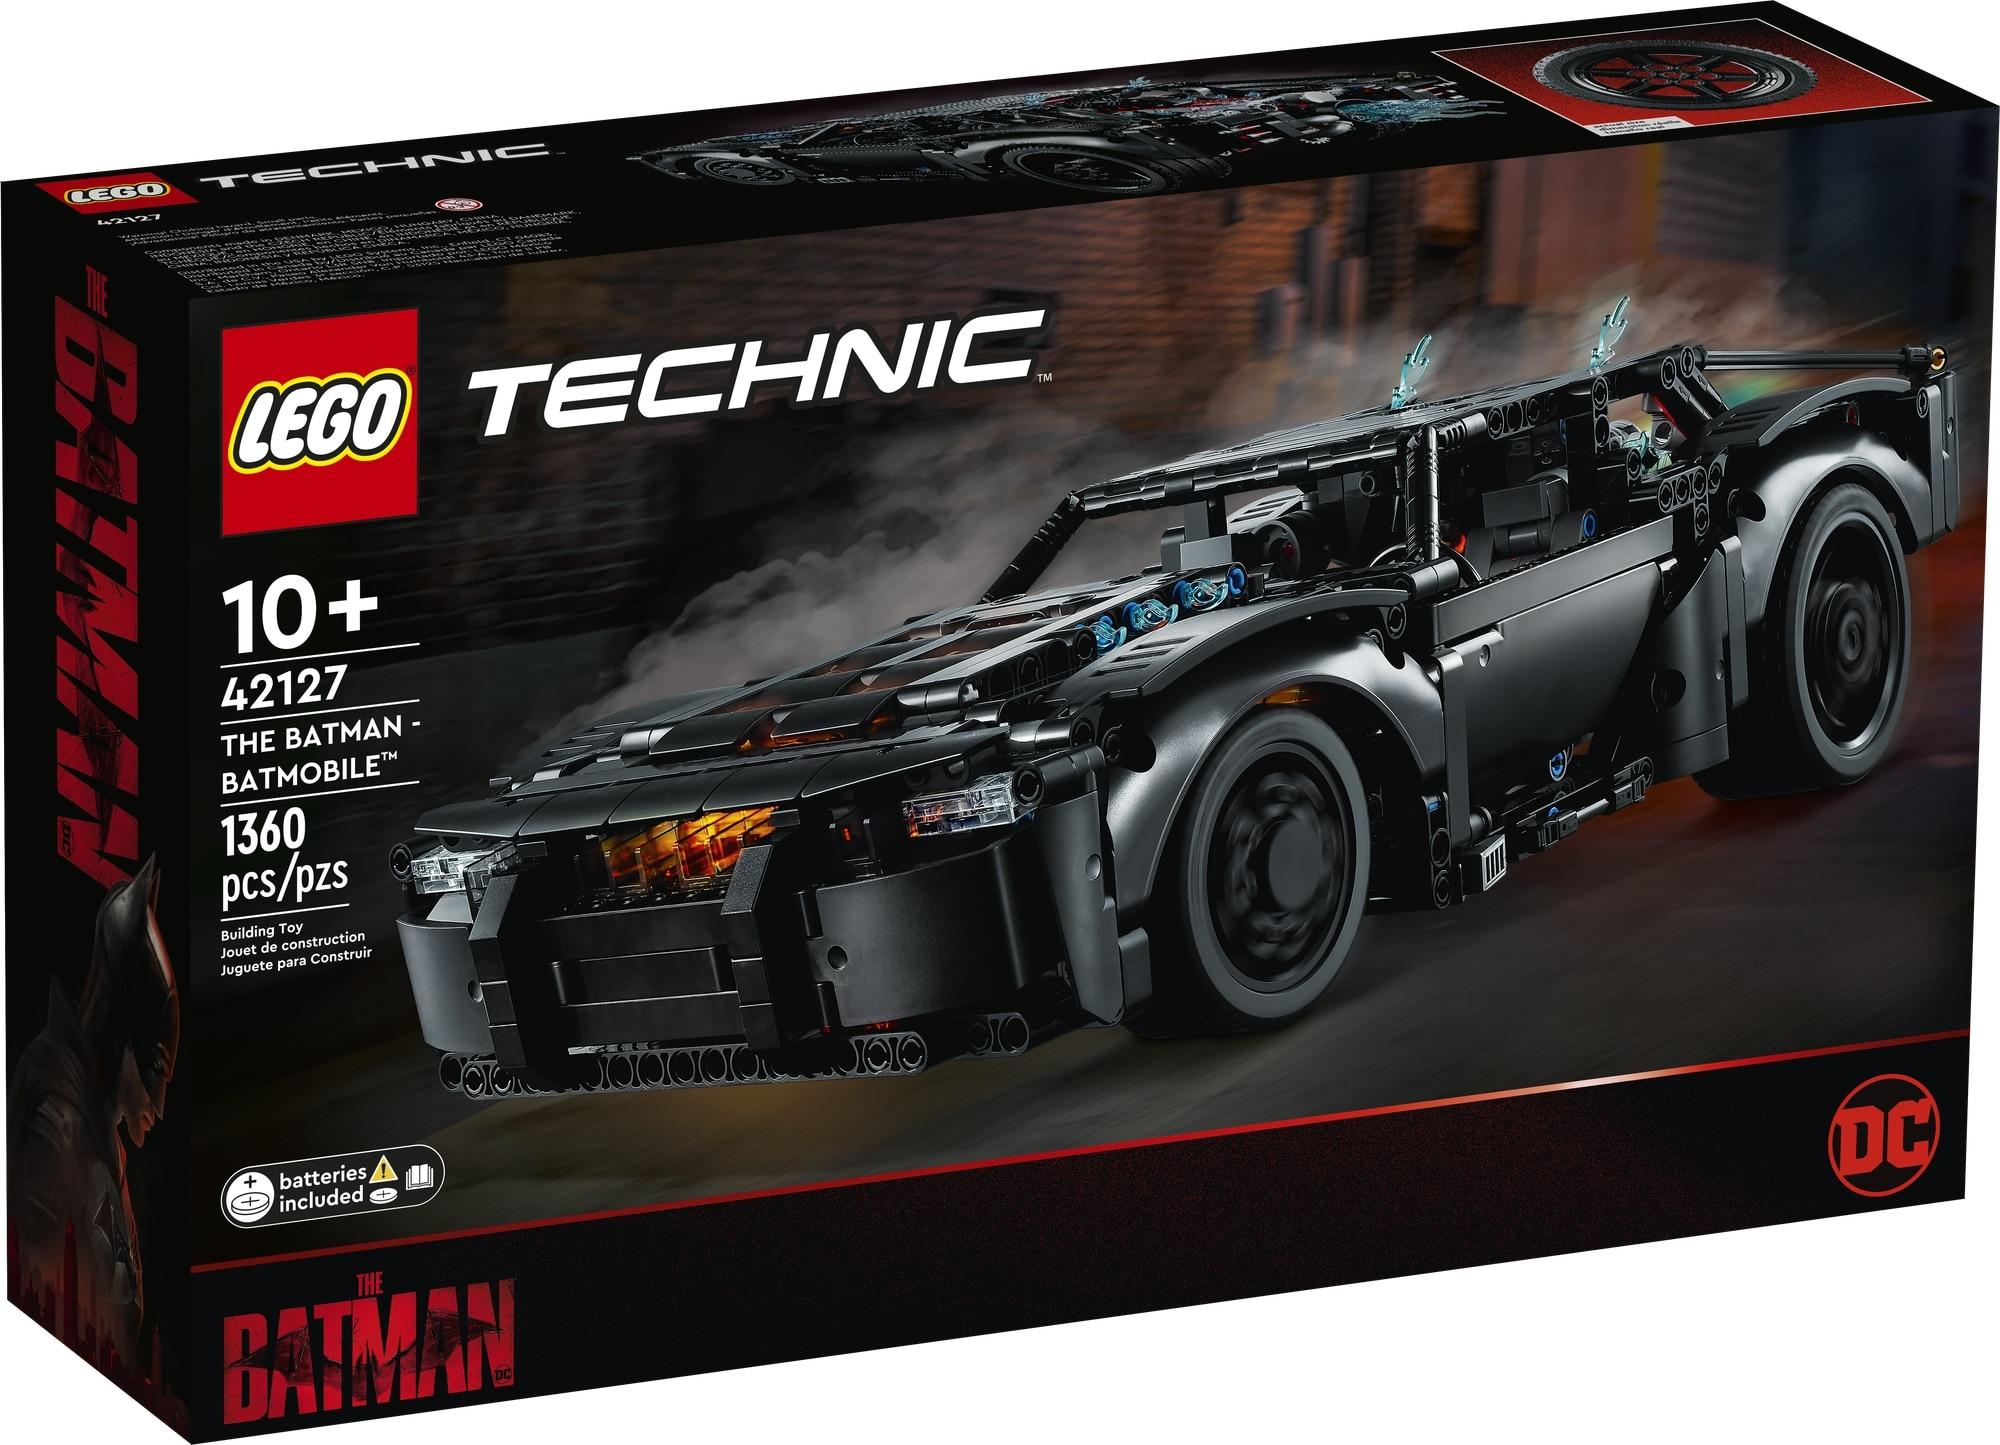 LEGO Technic 42127 Batmans Batmobil 2